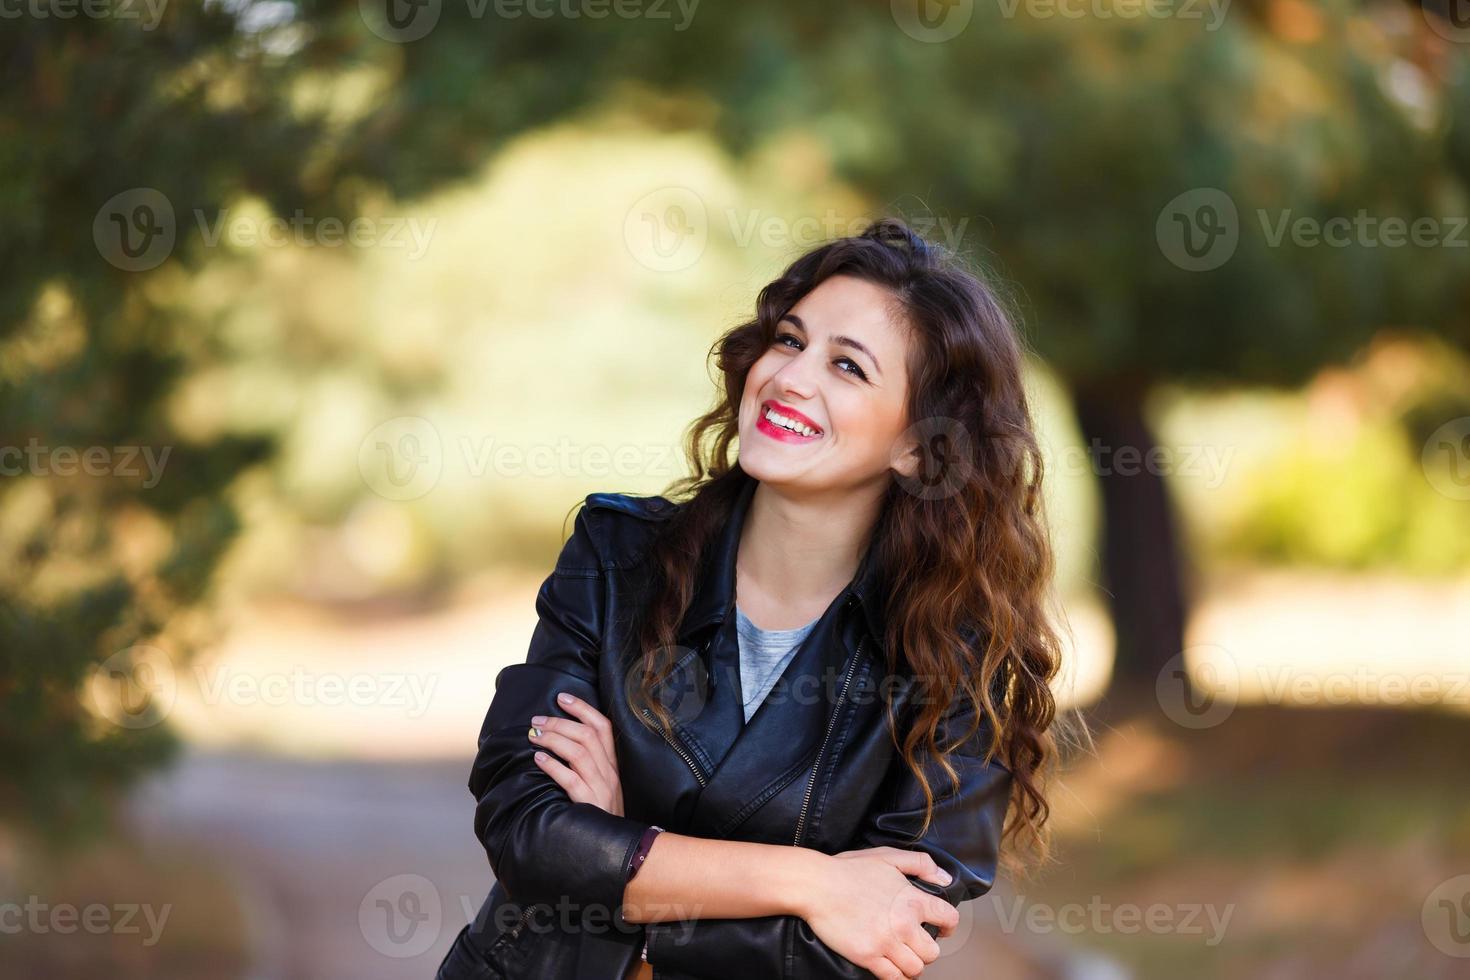 mulher jovem sorridente foto